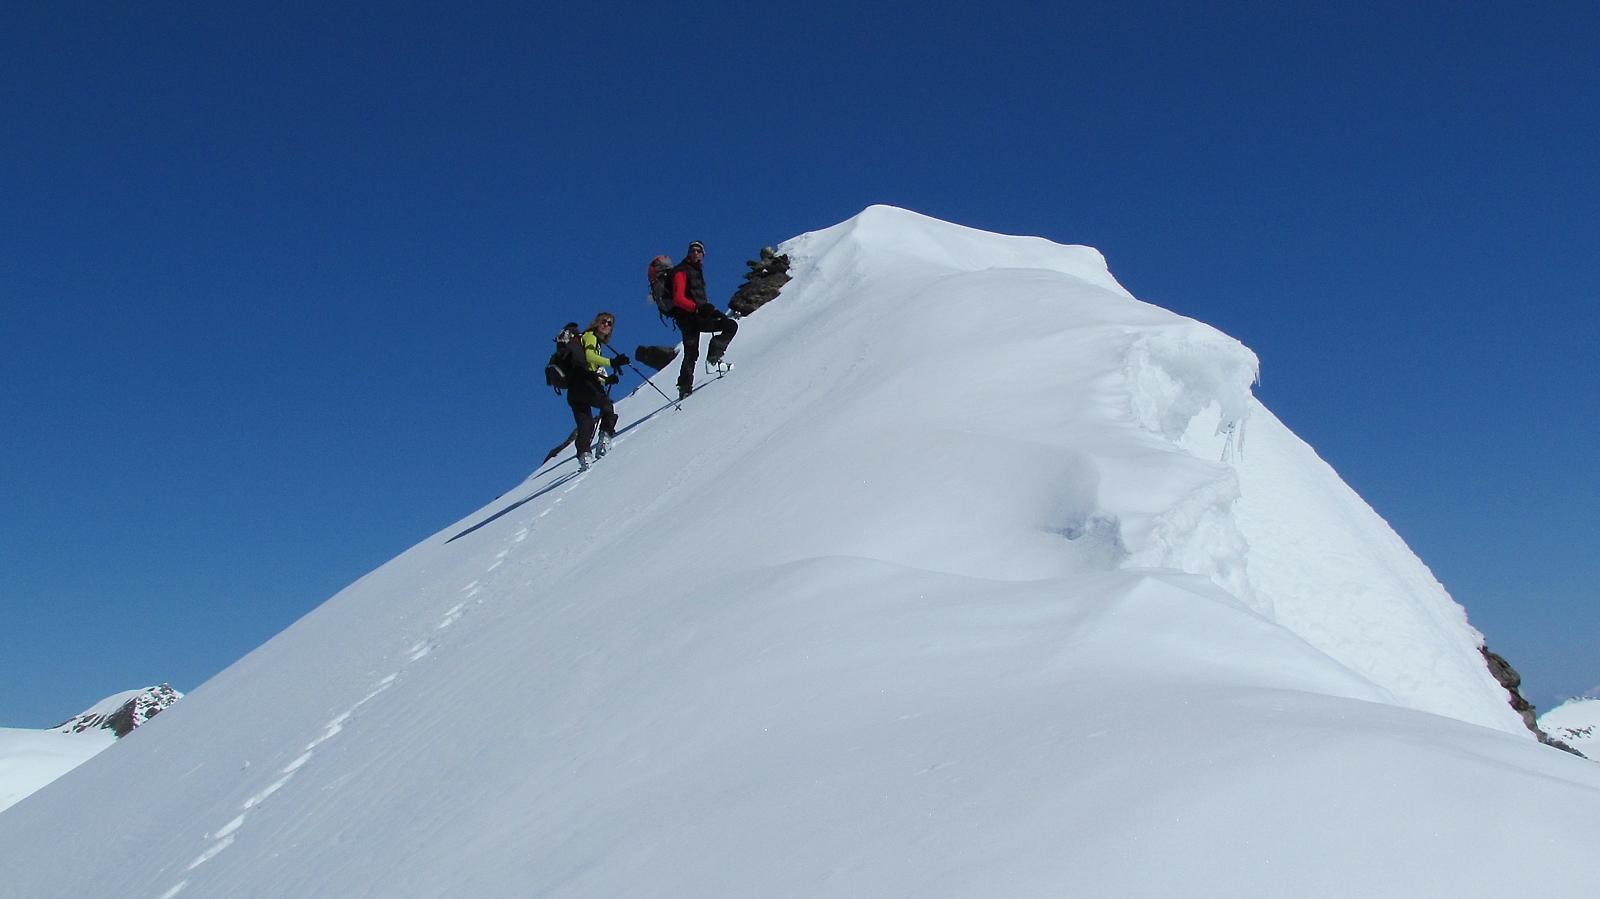 Matthias und Monika kurz unterhalb des Gipfels